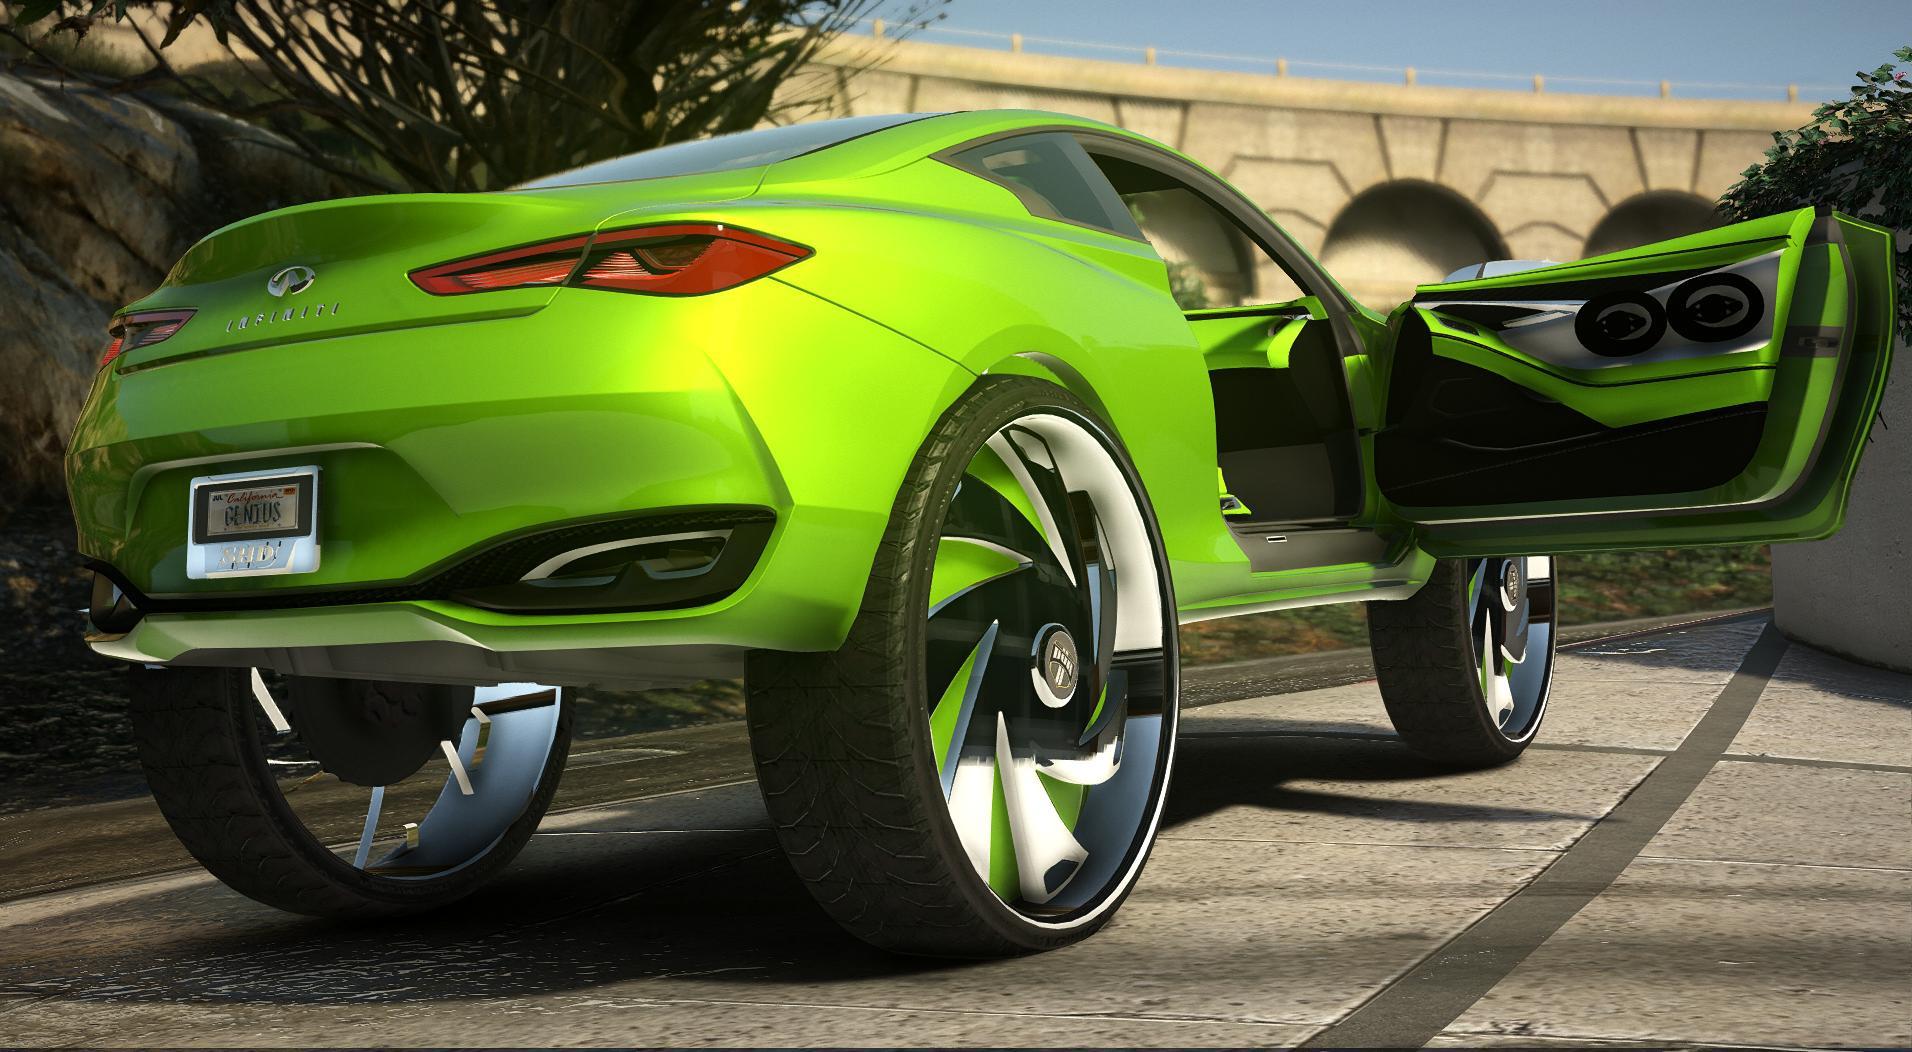 2016 Infiniti Q60 Concept GeniusOfGTA Edition Donk